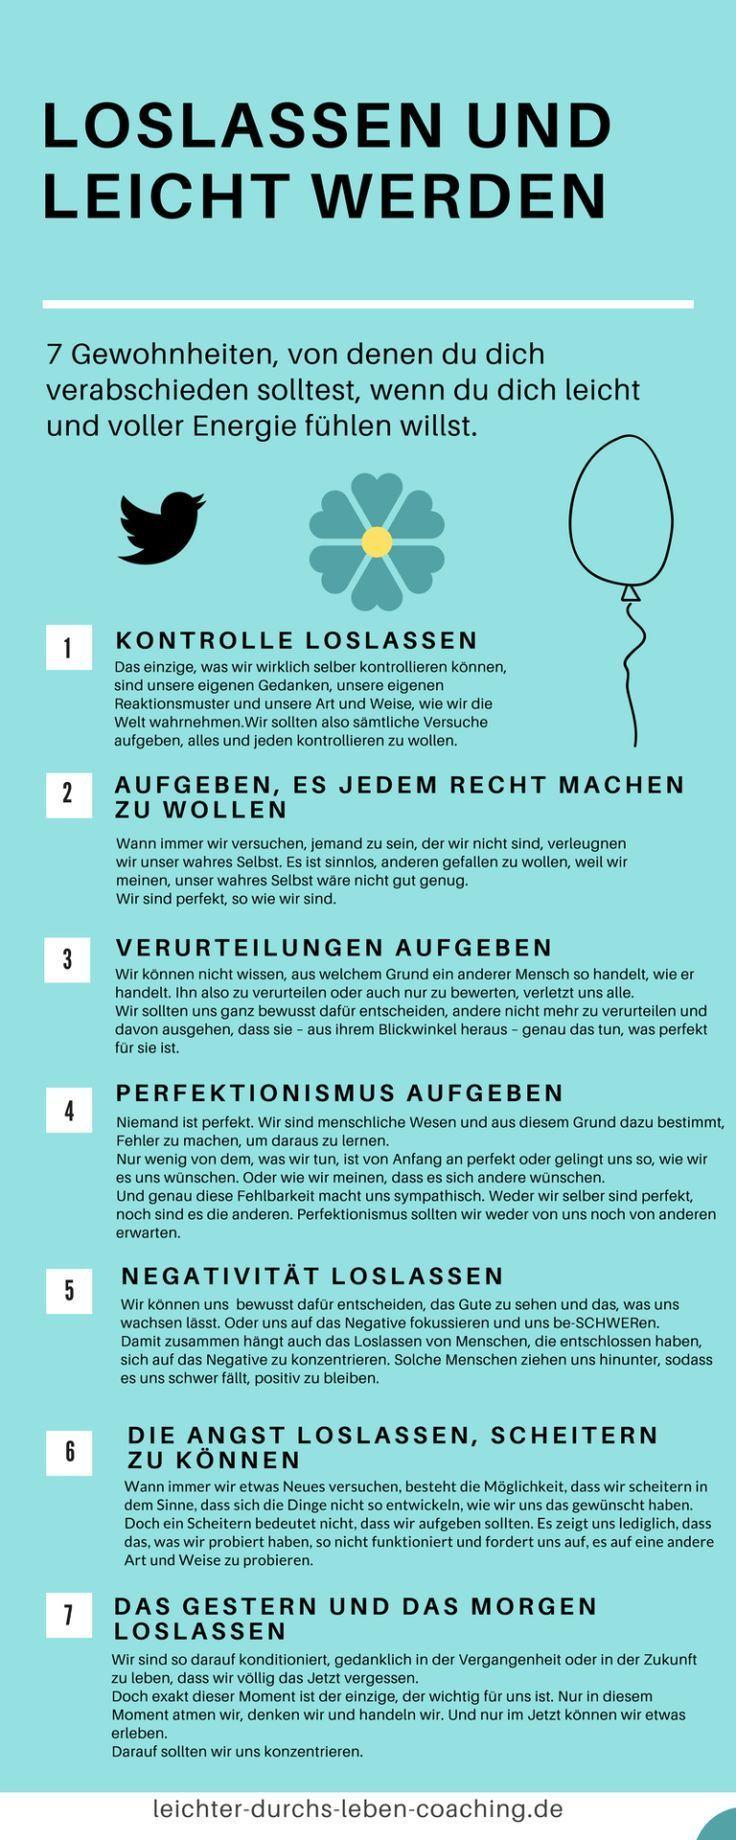 Gewohnheiten aufgeben - Loslassen und leicht werden - So gelingt es dir - Alte Gewohnheiten belasten unser Leben, ändere sie - Infografik: Von diesen 7 Gewohnheiten solltest du dich verabschieden #beautifularchitecture